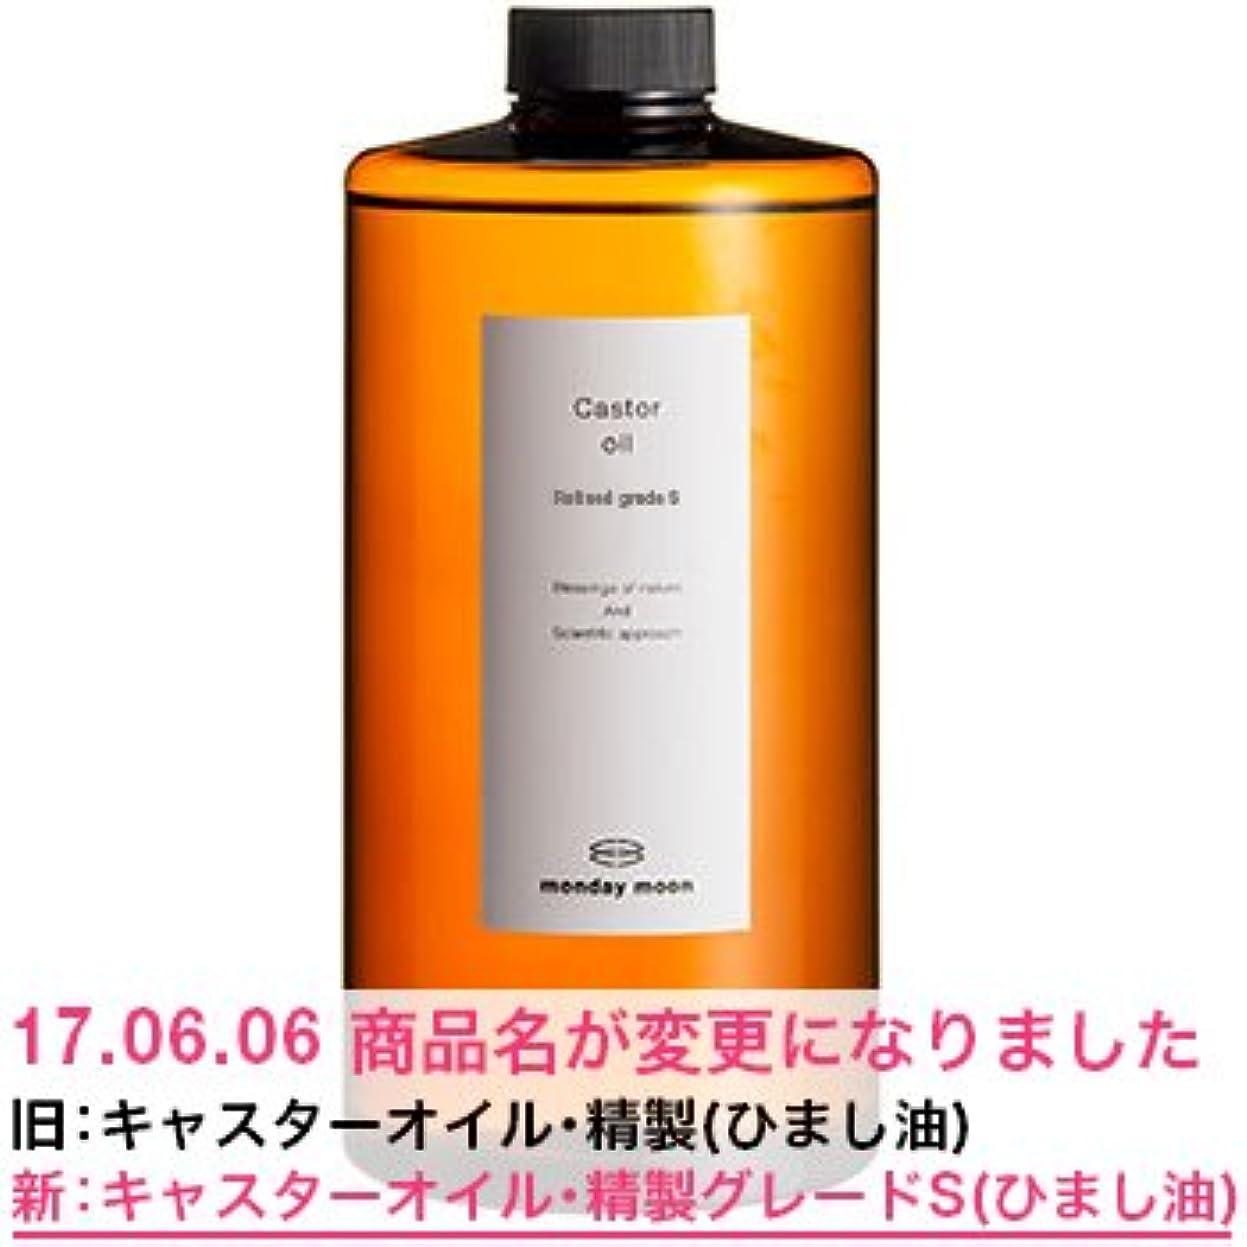 スイ素晴らしき変色するひまし油?精製グレードS(キャスターオイル)/1000ml